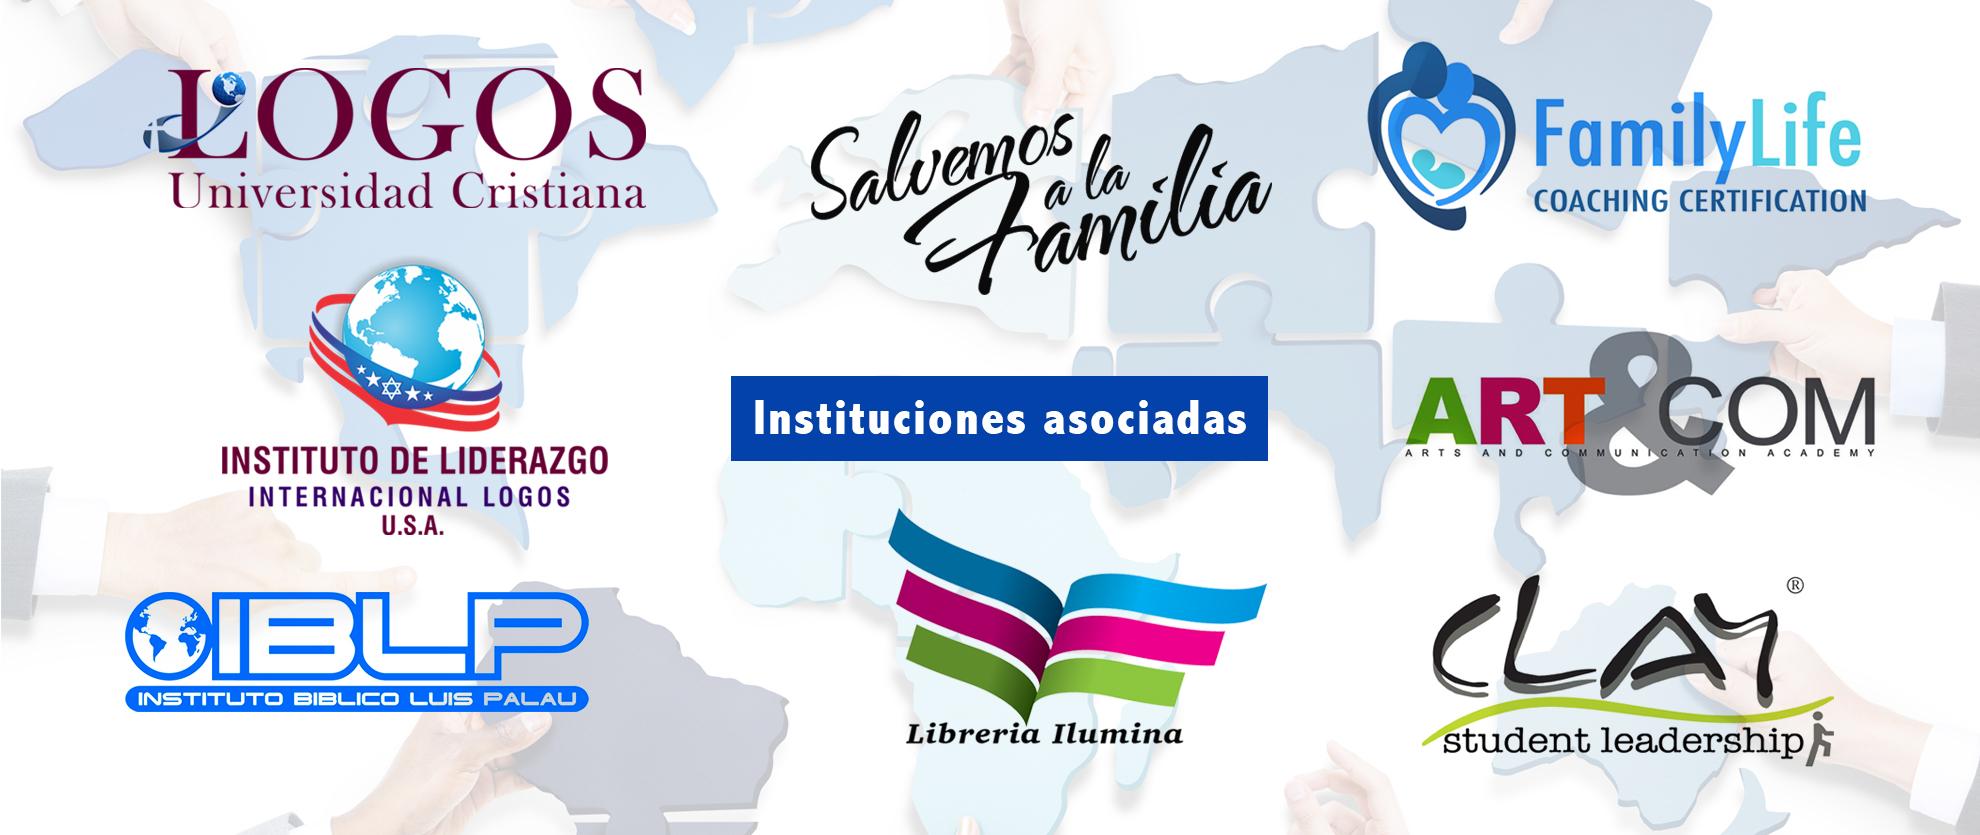 6.Institutoprincipal2017